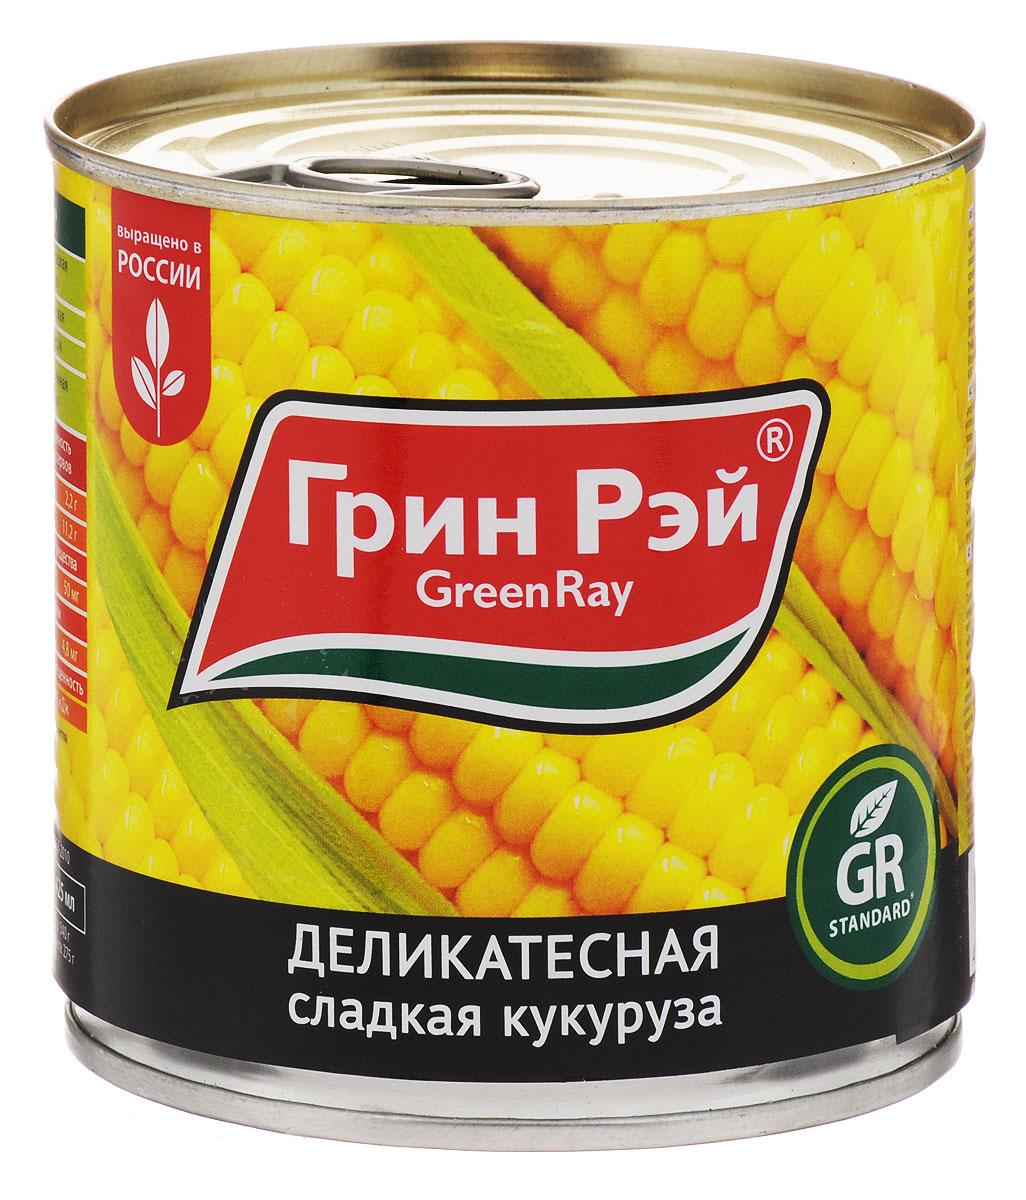 Green Ray деликатесная сладкая кукуруза, 425 мл автомобиль с пробегом москвич 2141 в краснодарском крае